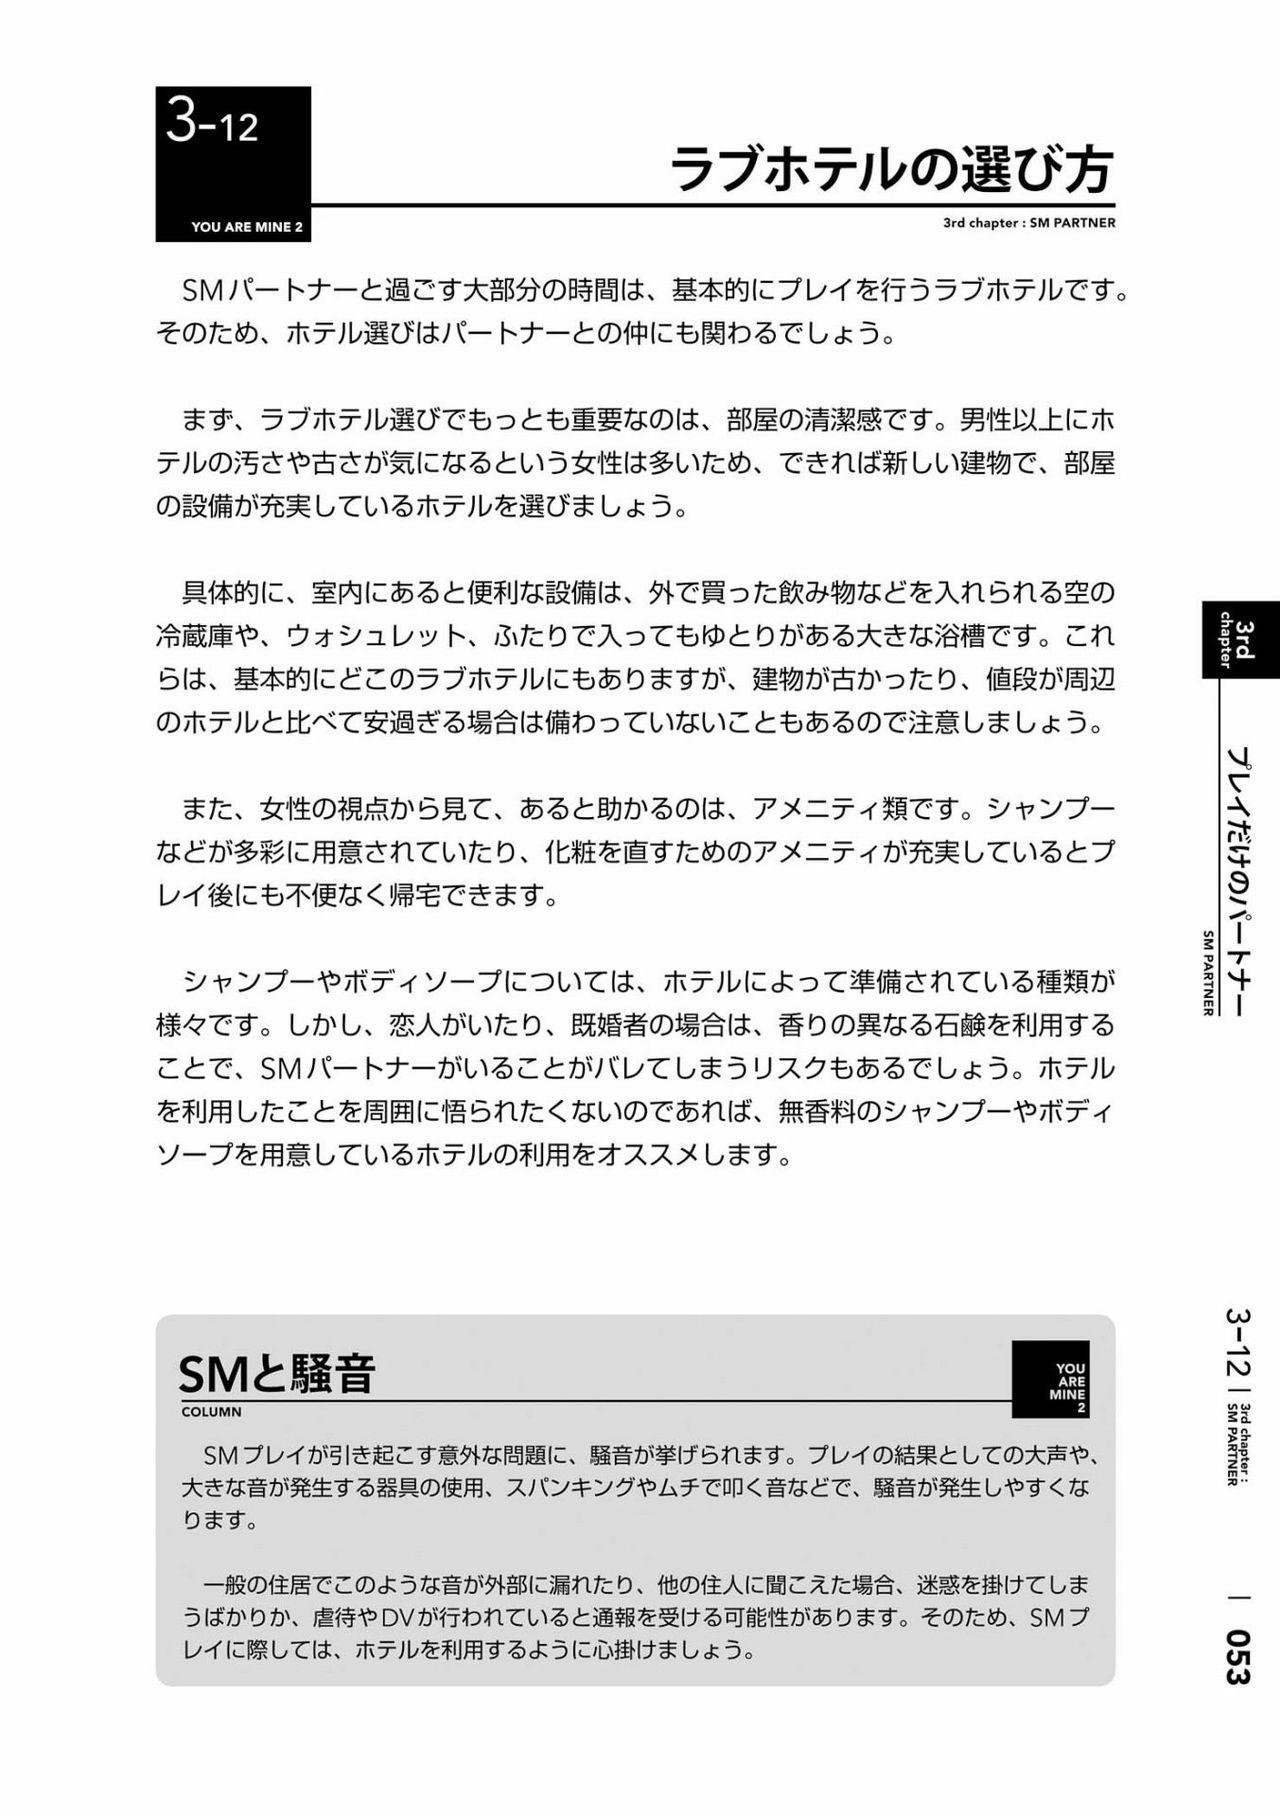 [Mitsuba] Karada mo Kokoro mo Boku no Mono ~Hajimete no SM Guide~ 2 [Digital] 55